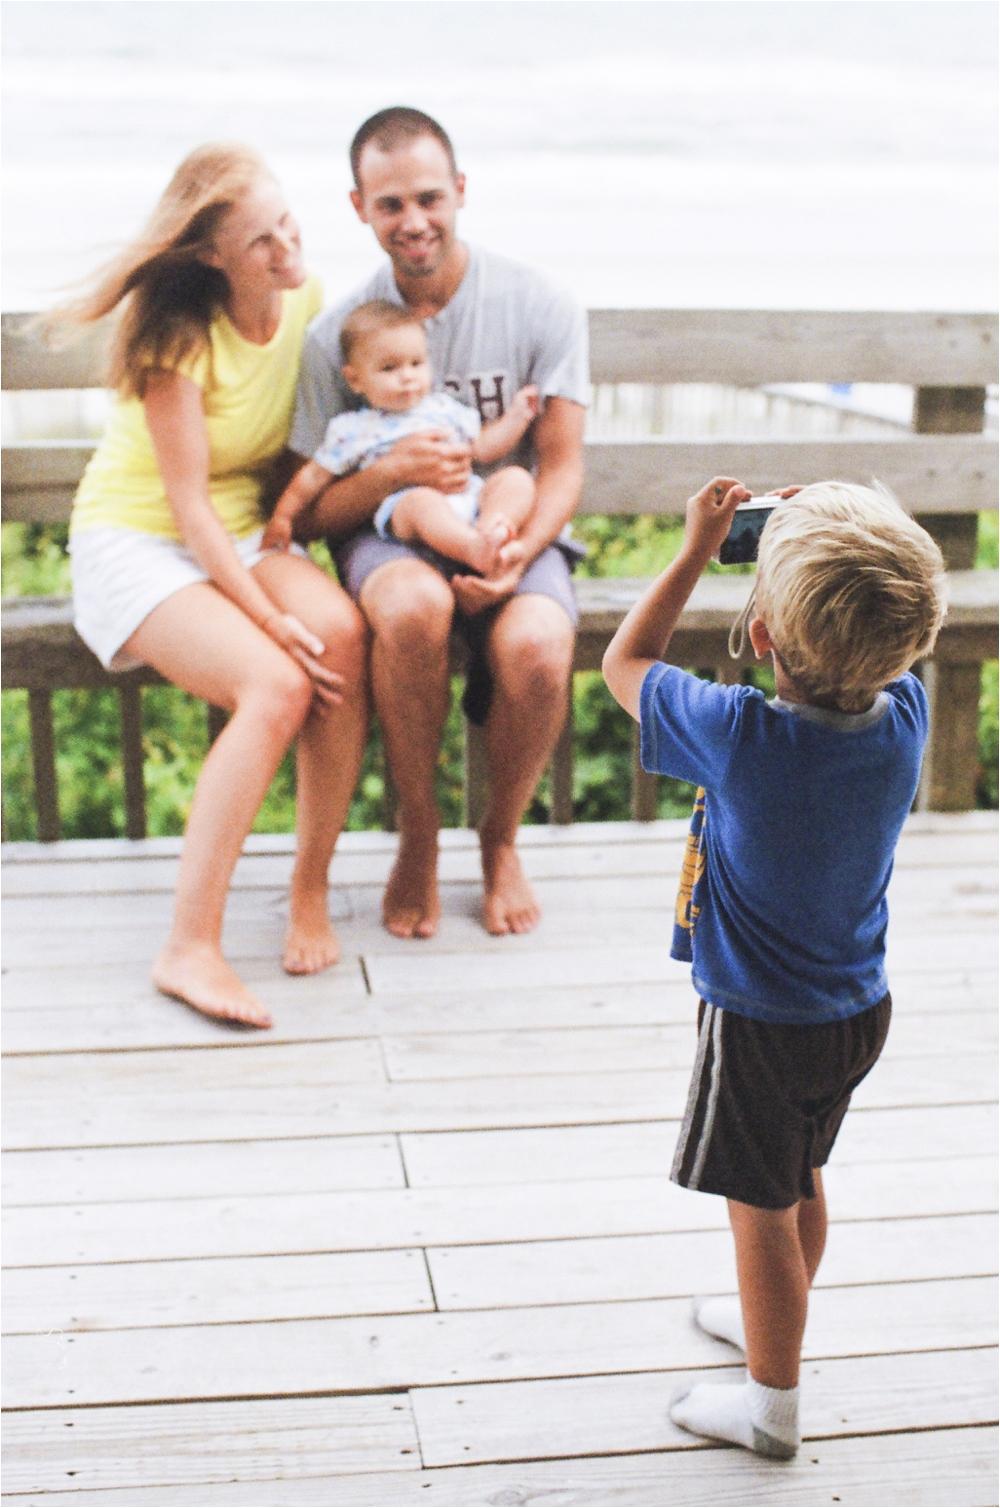 2013_North_Carolina_Beach_Family_Vacation__0031